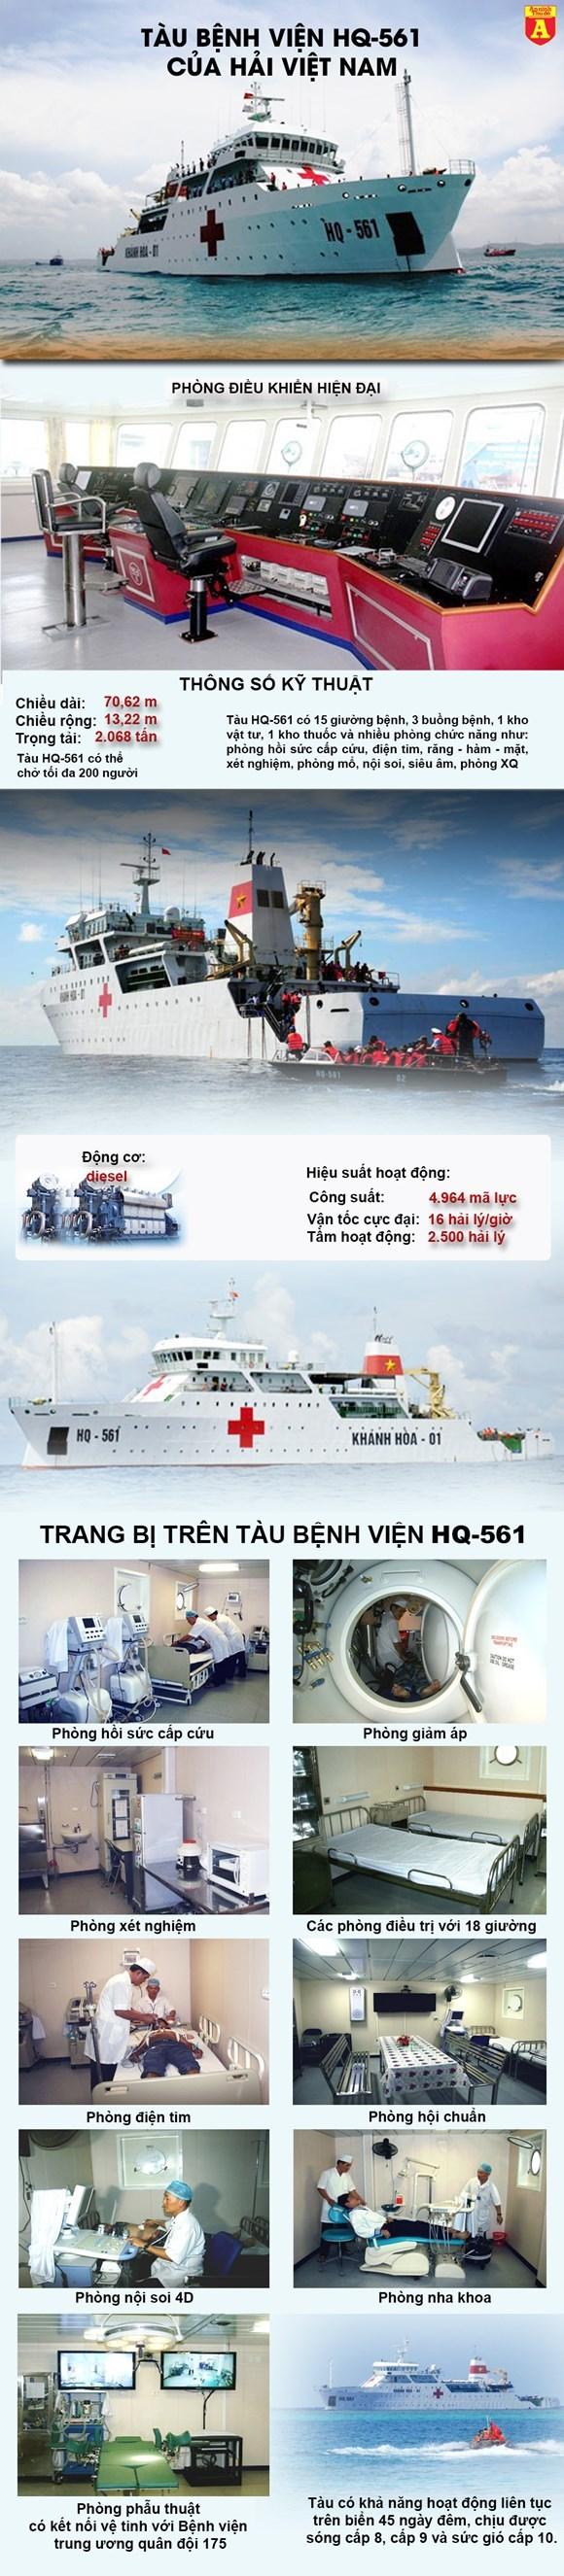 Tàu bệnh viện hiện đại nhất Đông Nam Á của Hải quân Việt Nam